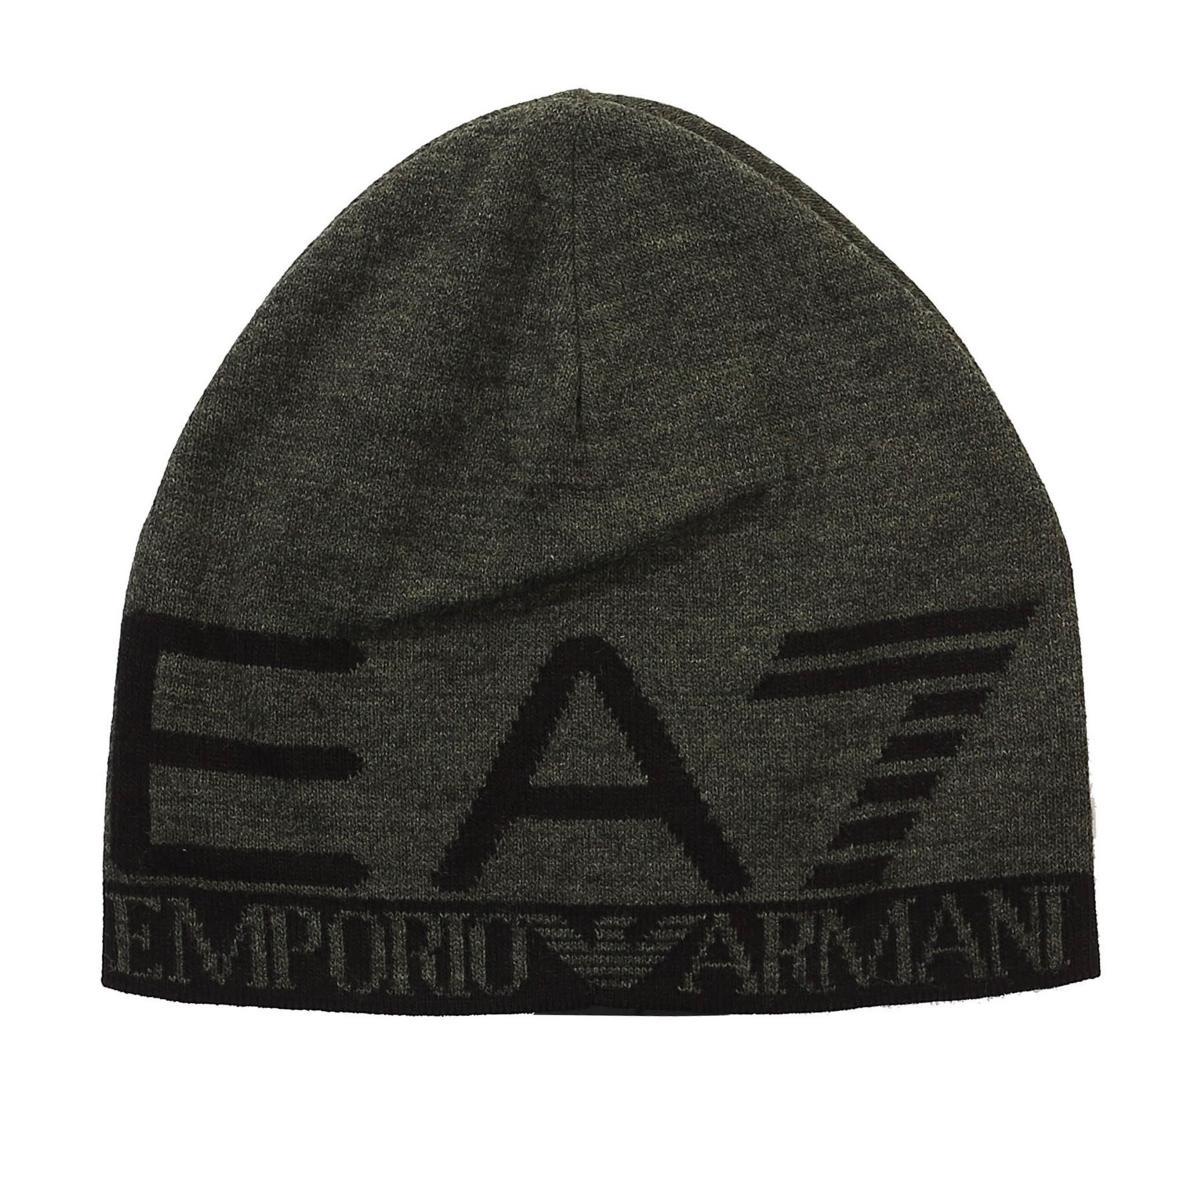 Berretto EA7 Emporio Armani da uomo rif. 275560 8A301